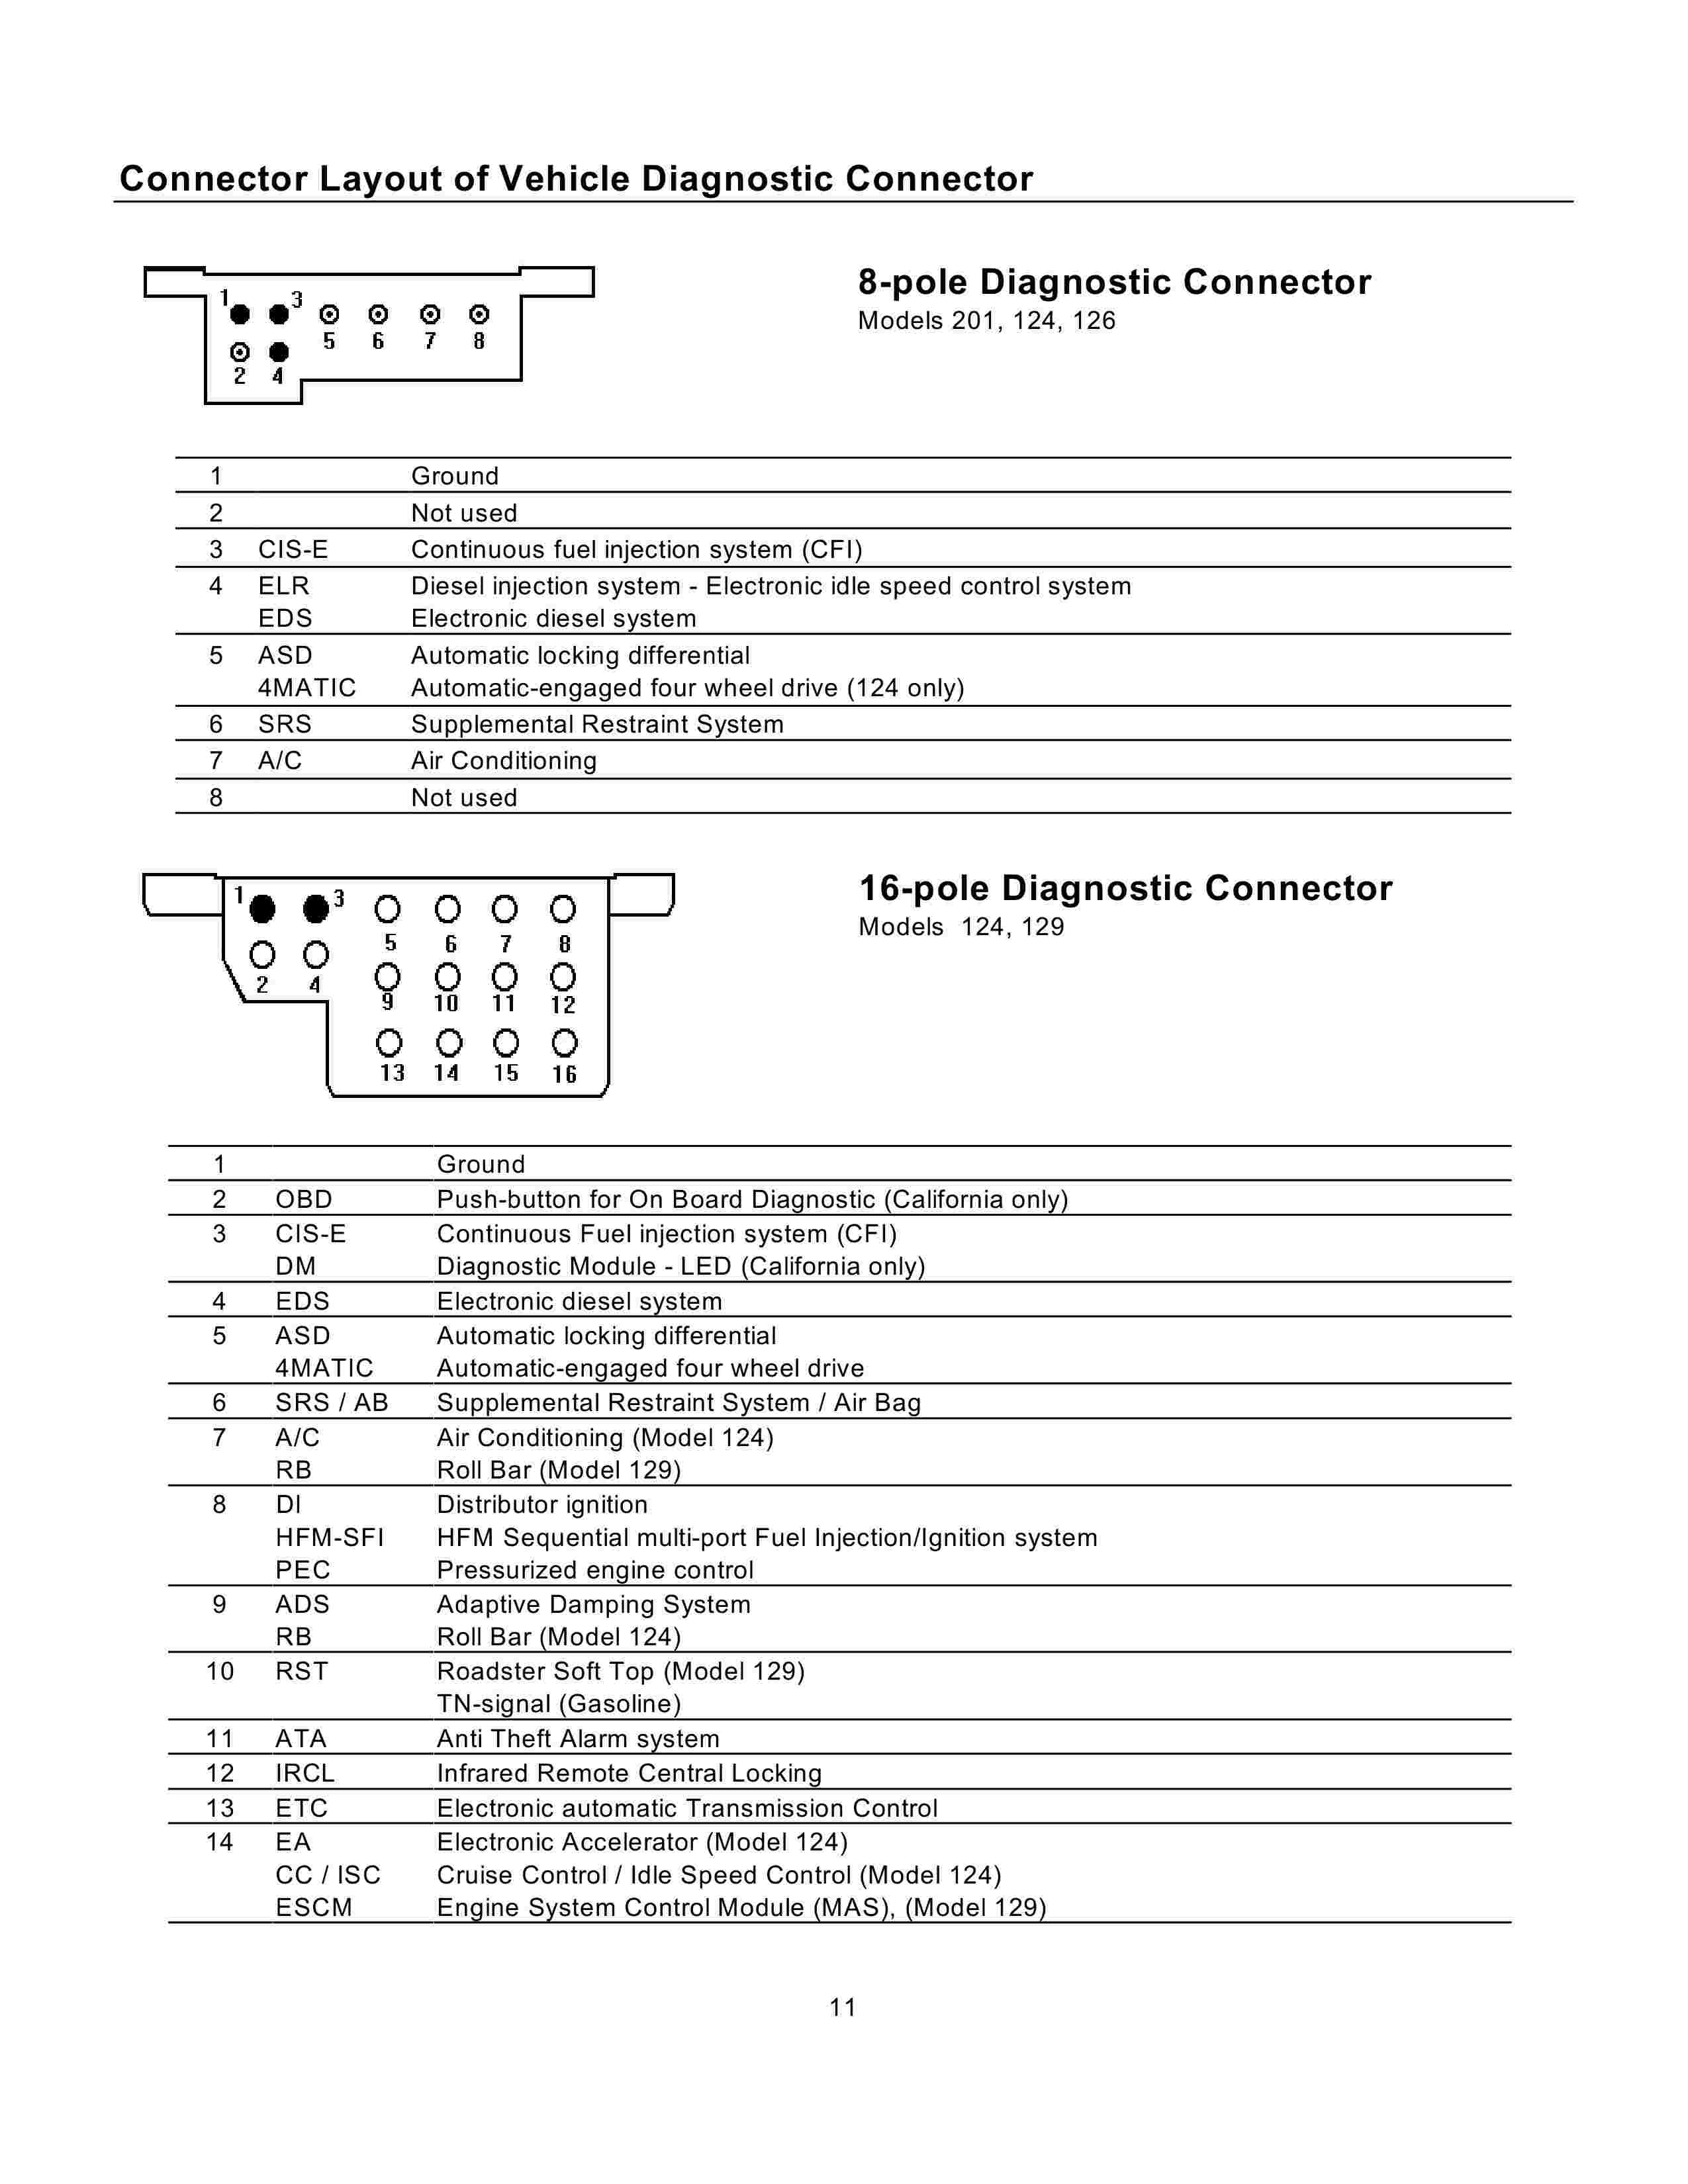 (AJUDA GERAL): Manual de códigos das falhas - analógico e digital - 1988 a 2000 0011_212